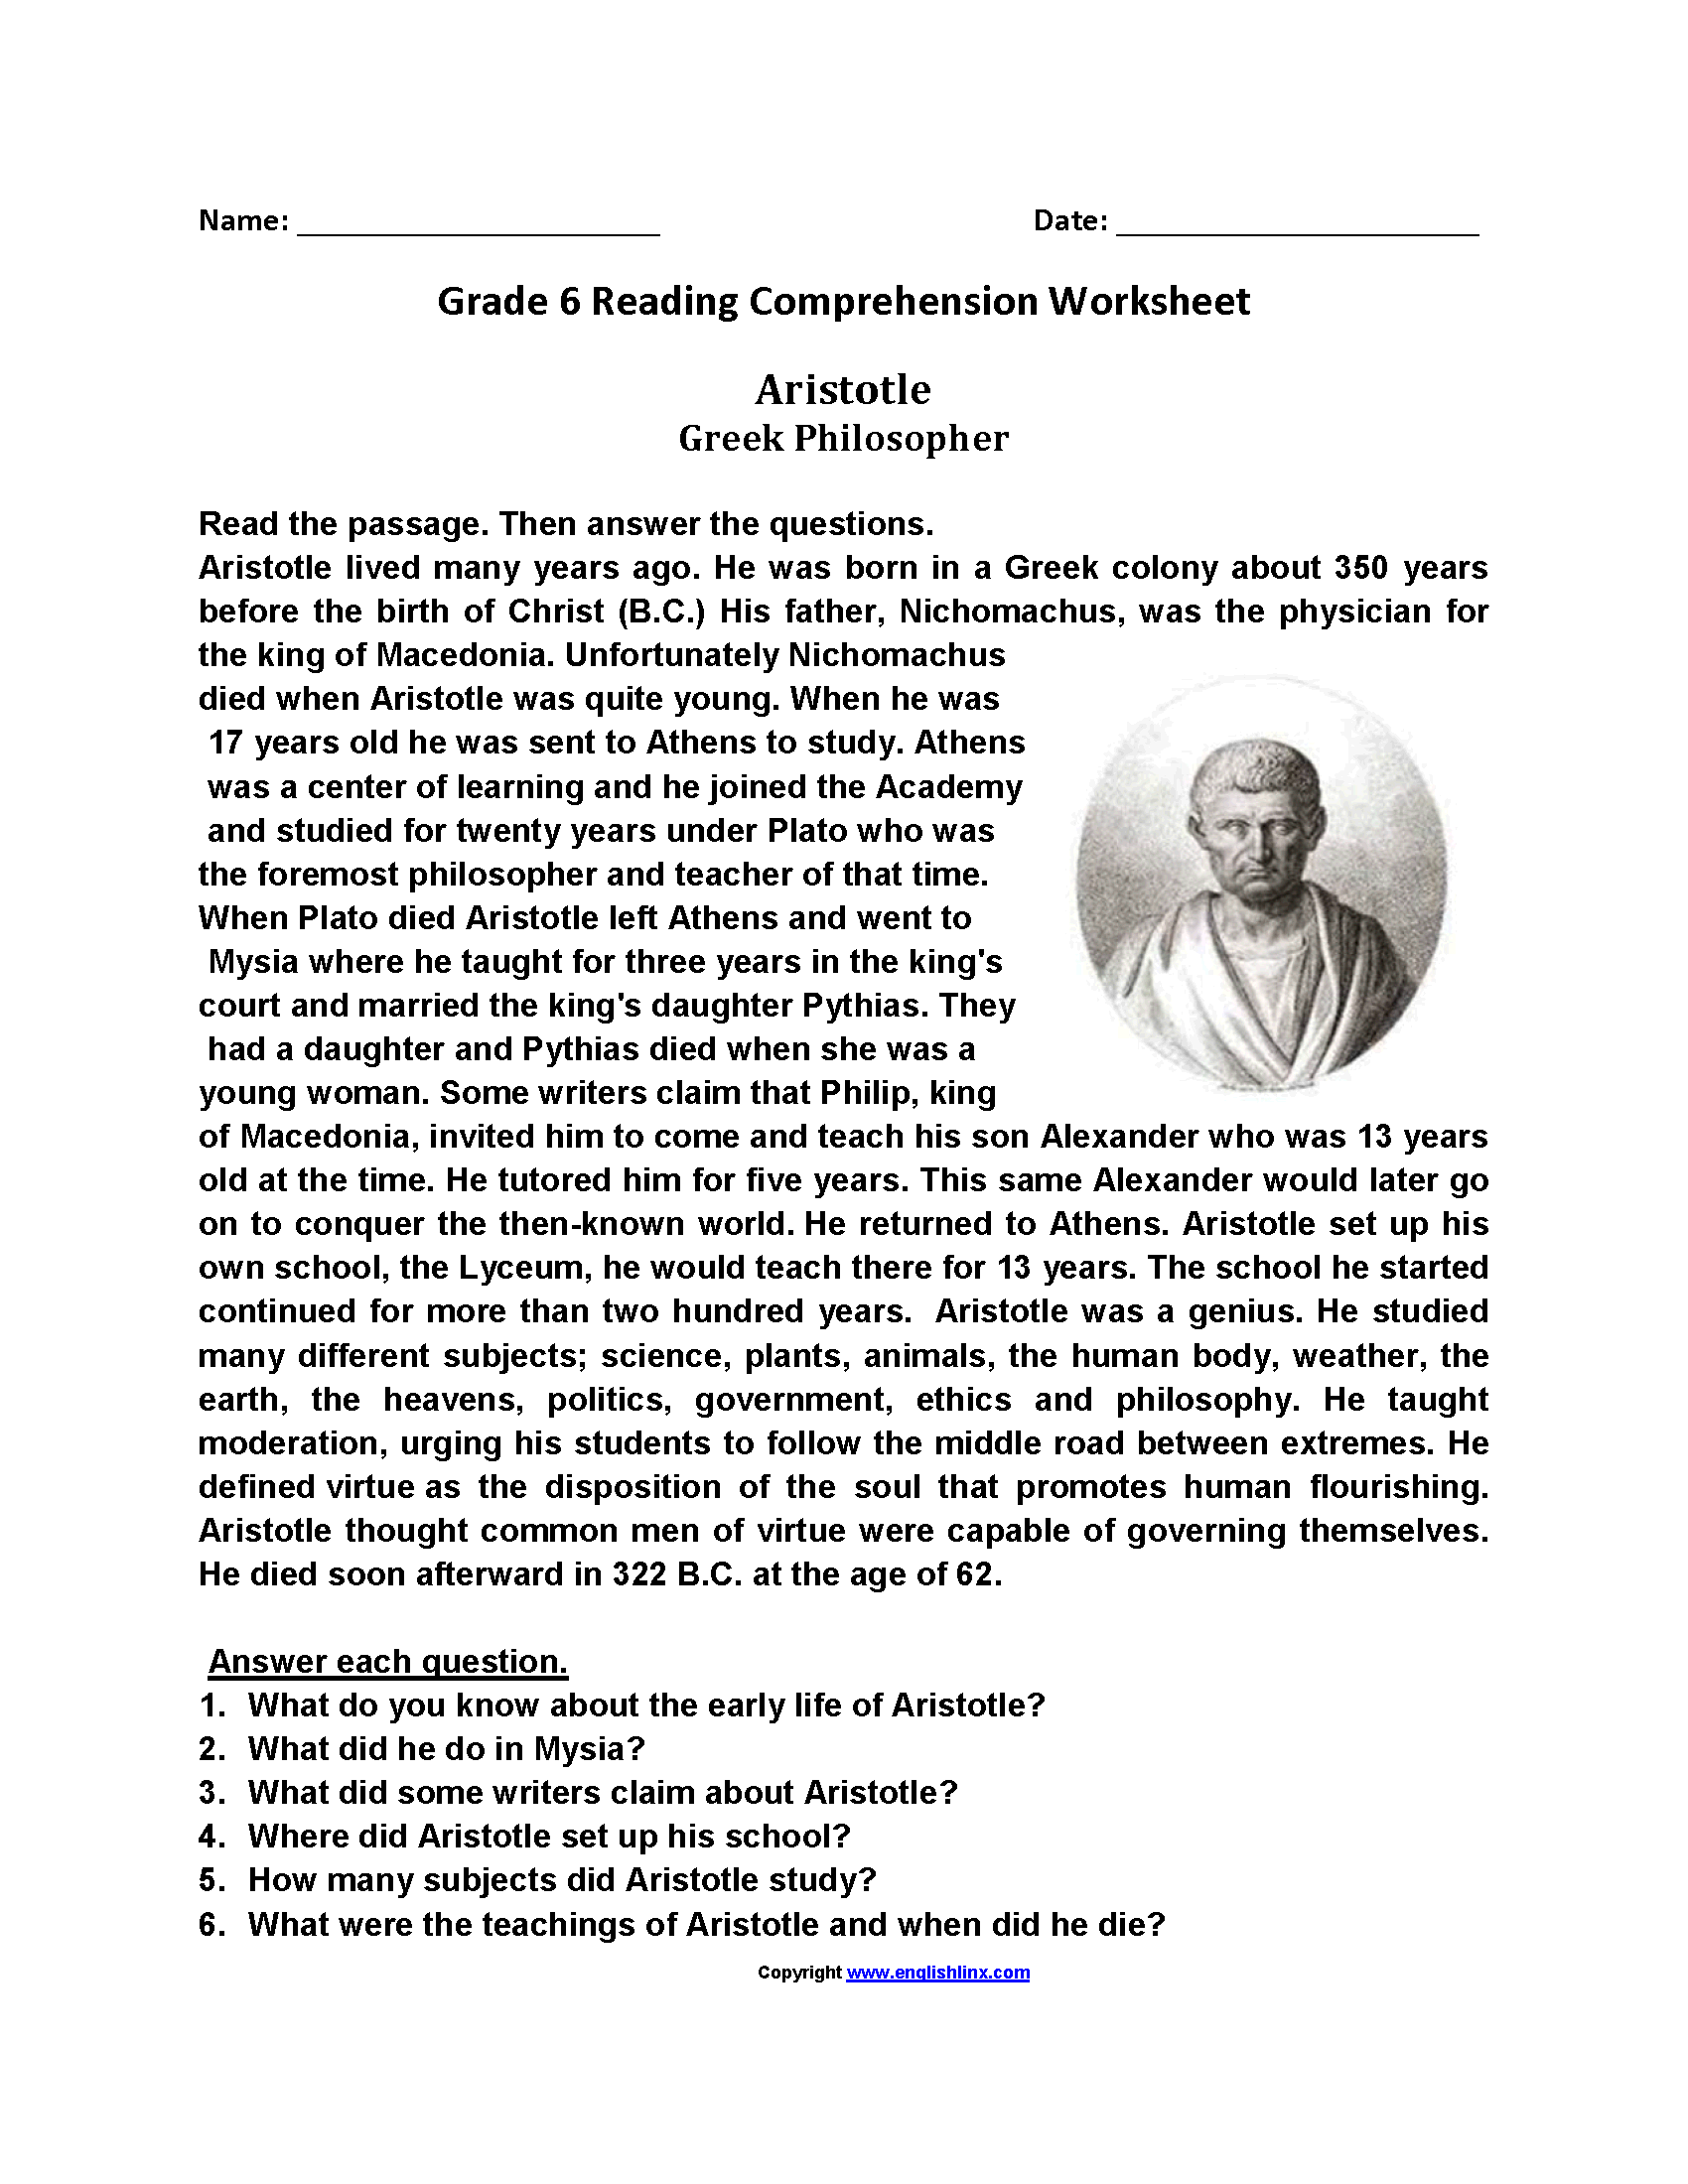 Reading comprehension passages grade 6 pdf   thaimacom   Reading  comprehension worksheets [ 2200 x 1700 Pixel ]